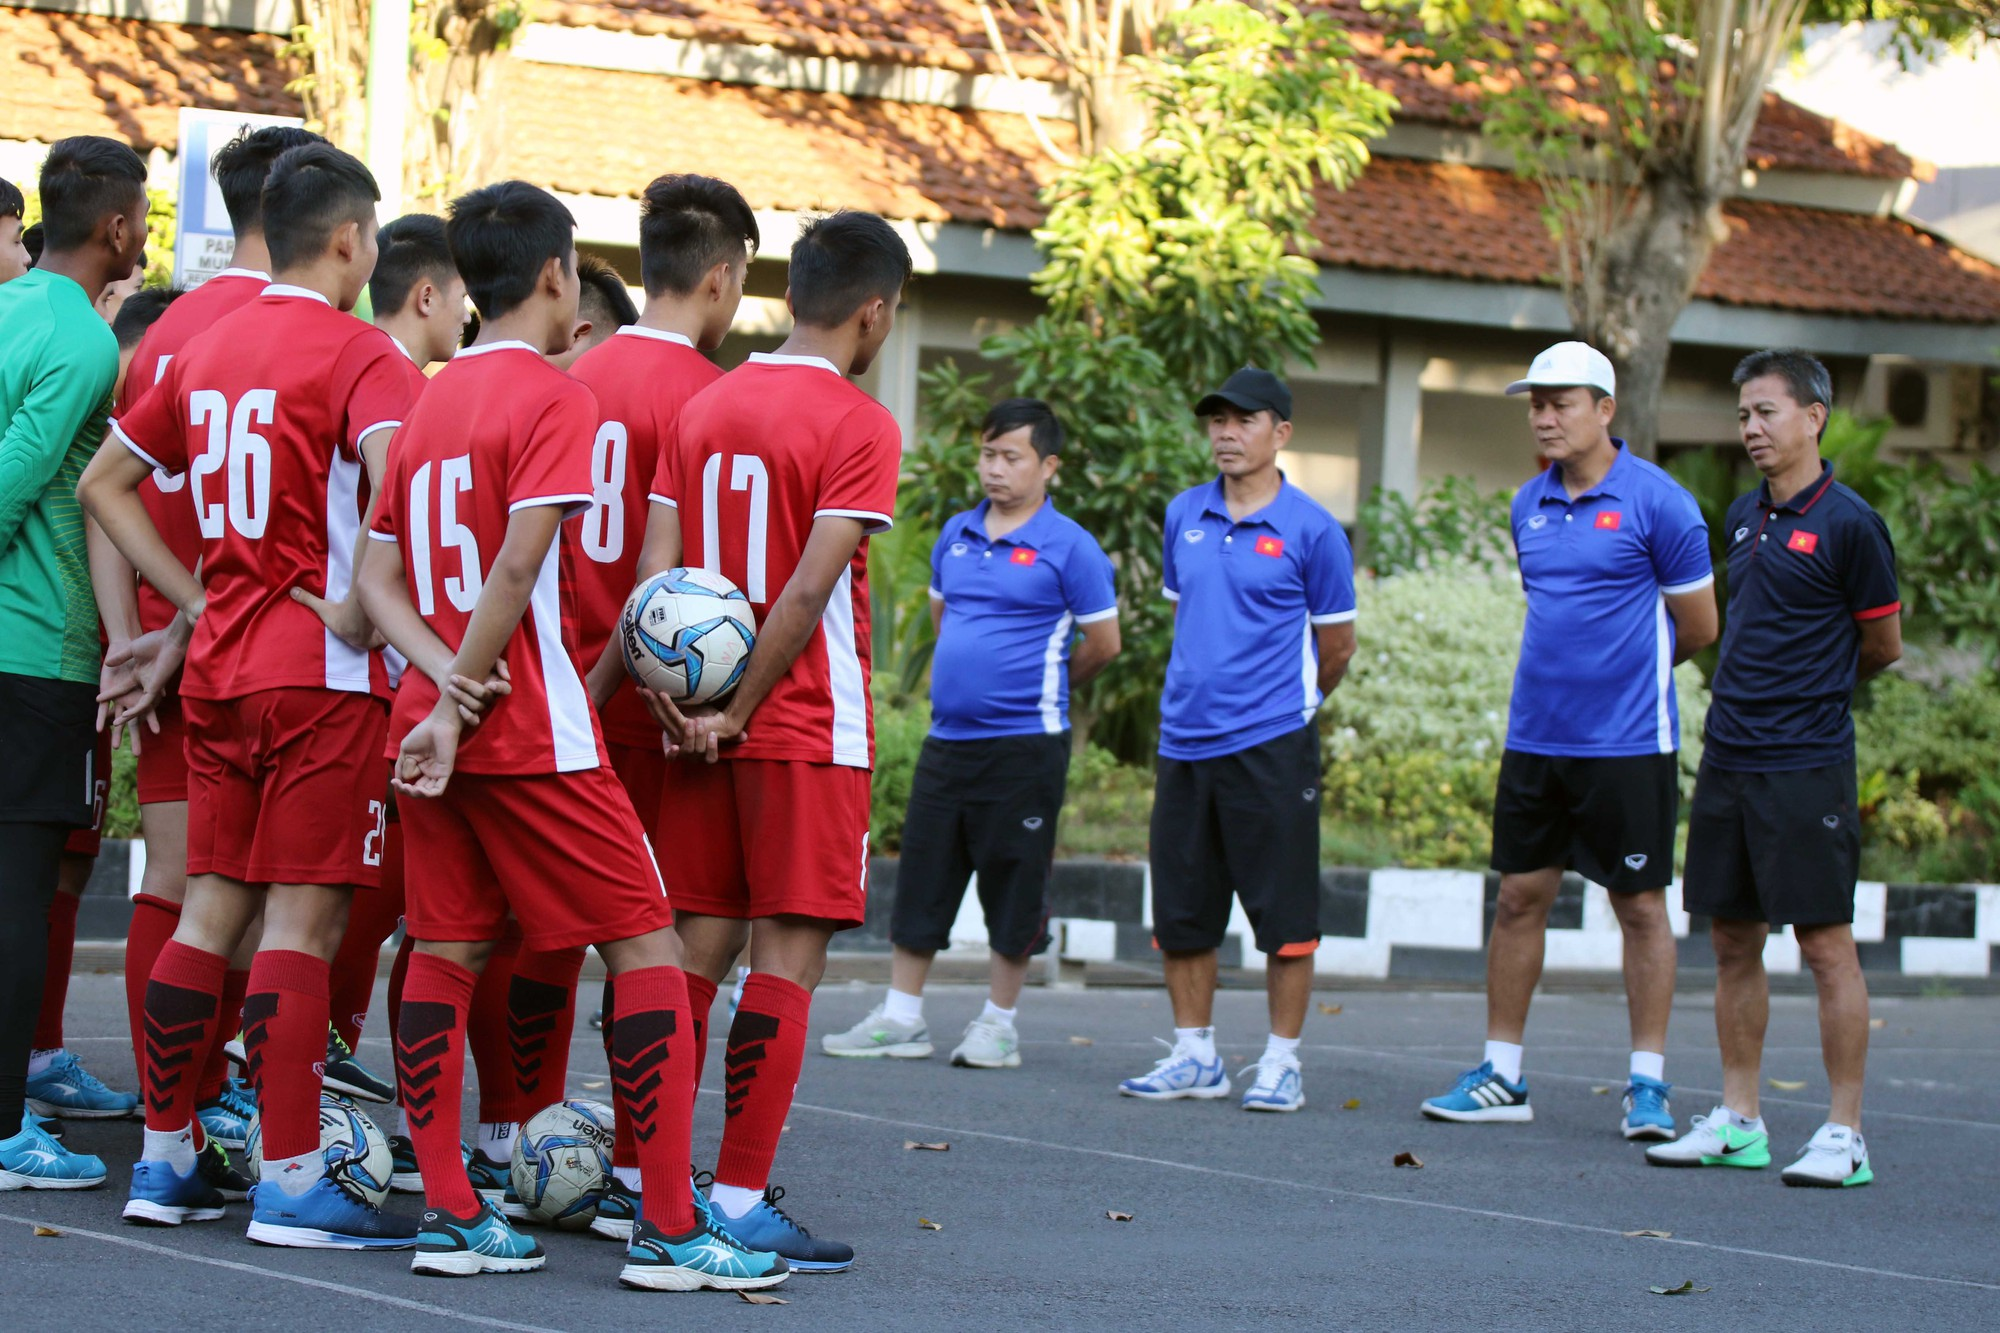 Đội chủ nhà làm khó U19 Việt Nam trước trận đấu quyết định - Ảnh 1.